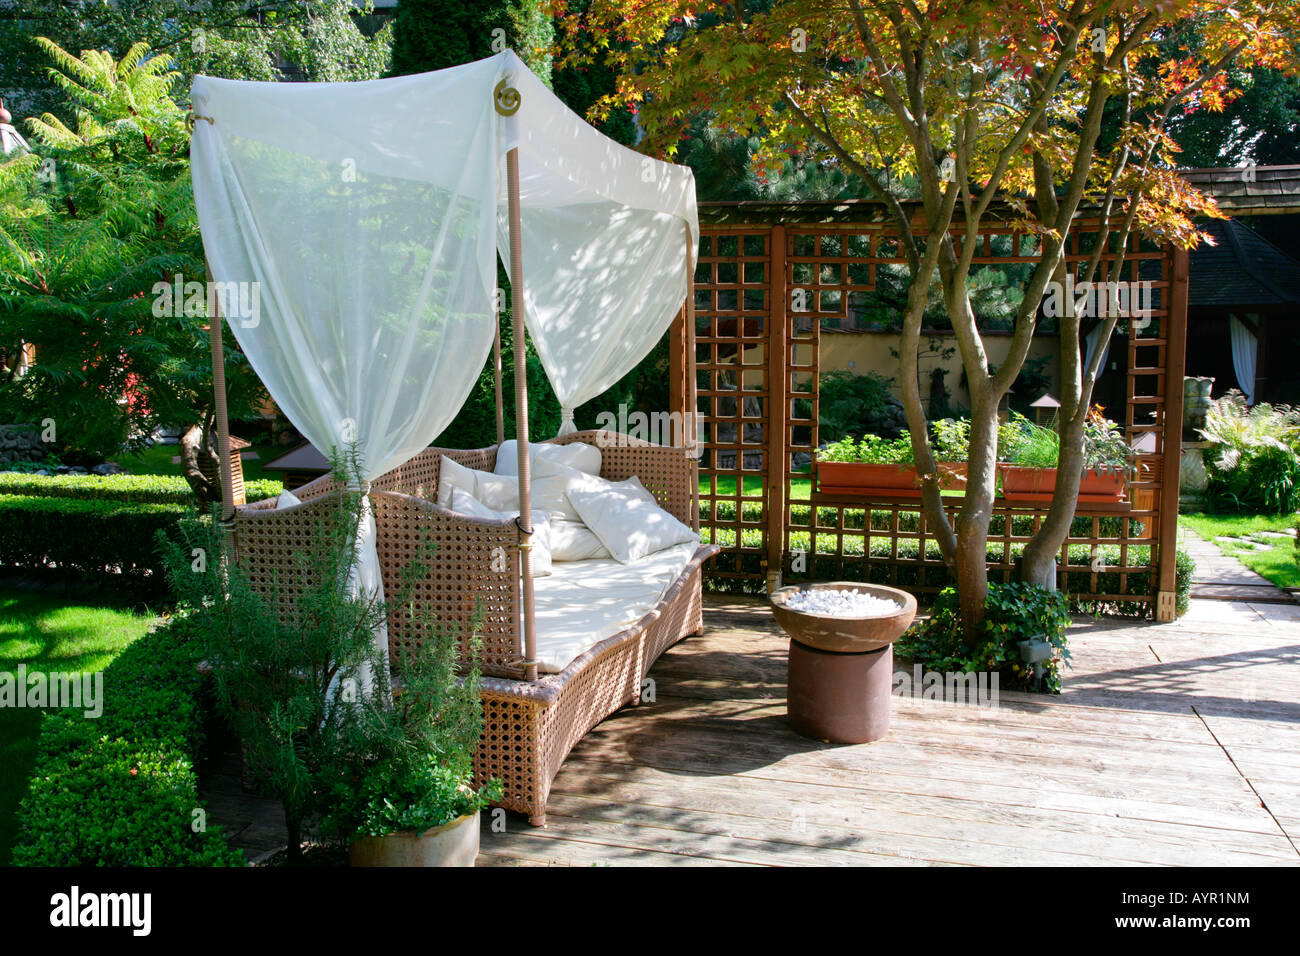 balinesischer garten balinesische g rten muehldorf am inn bayern deutschland stockfoto. Black Bedroom Furniture Sets. Home Design Ideas